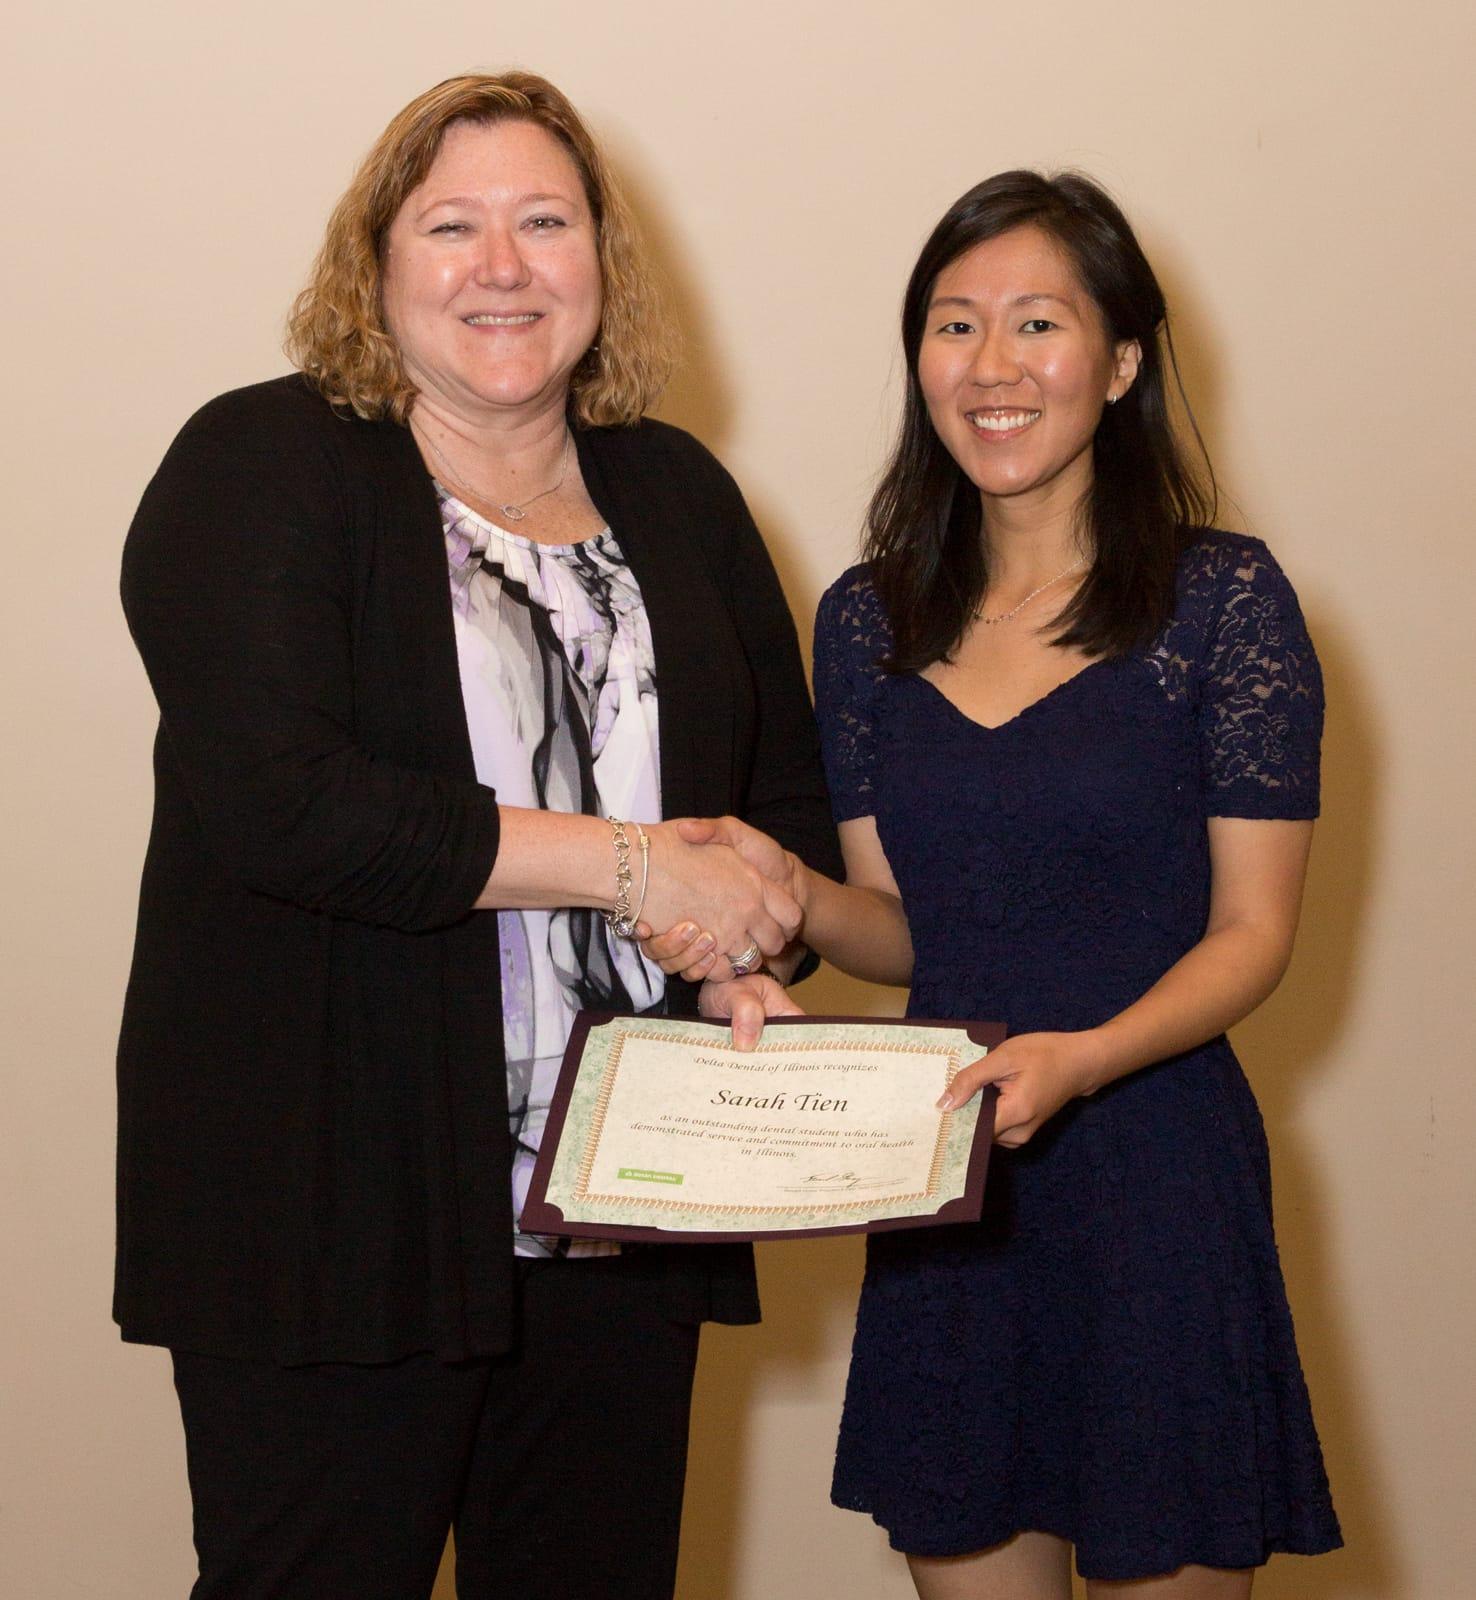 Delta Dental of Illinois Awards Dental Student Grants